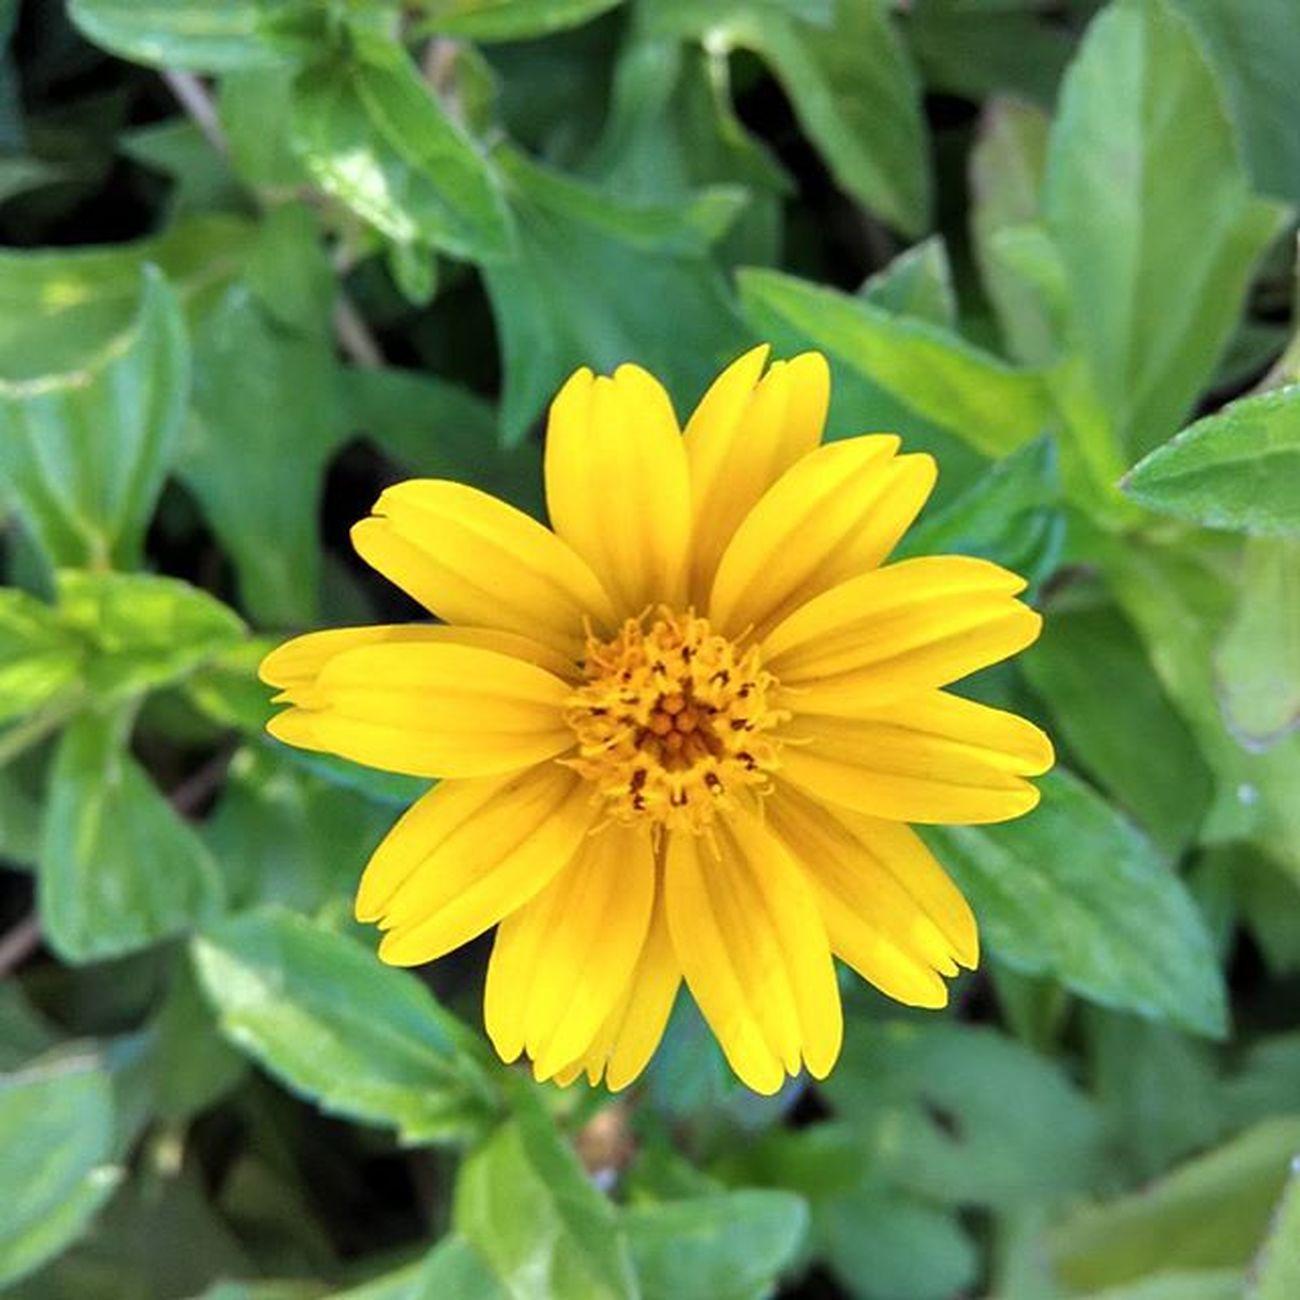 Flower Yellow Focussed Autofocus Xiaomi Mi Redmi1s Miui7 HDR Supercam Ringroad Rajkot Sunday Evening